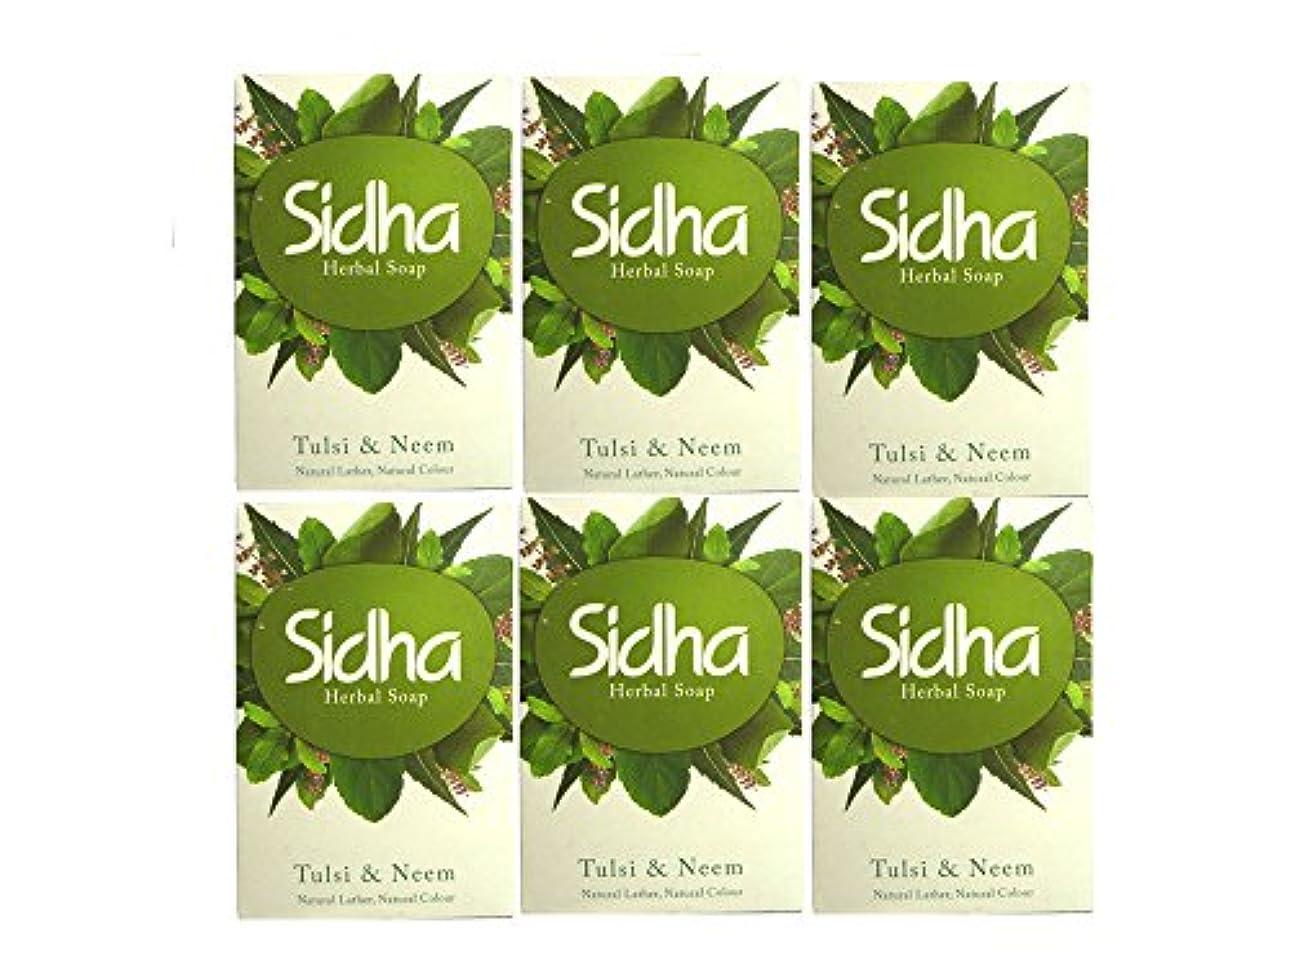 野な隙間こどもの日SIHDH Herbal Soap Tulsi & Neem シダー ハ-バル ソープ 75g 6個セット